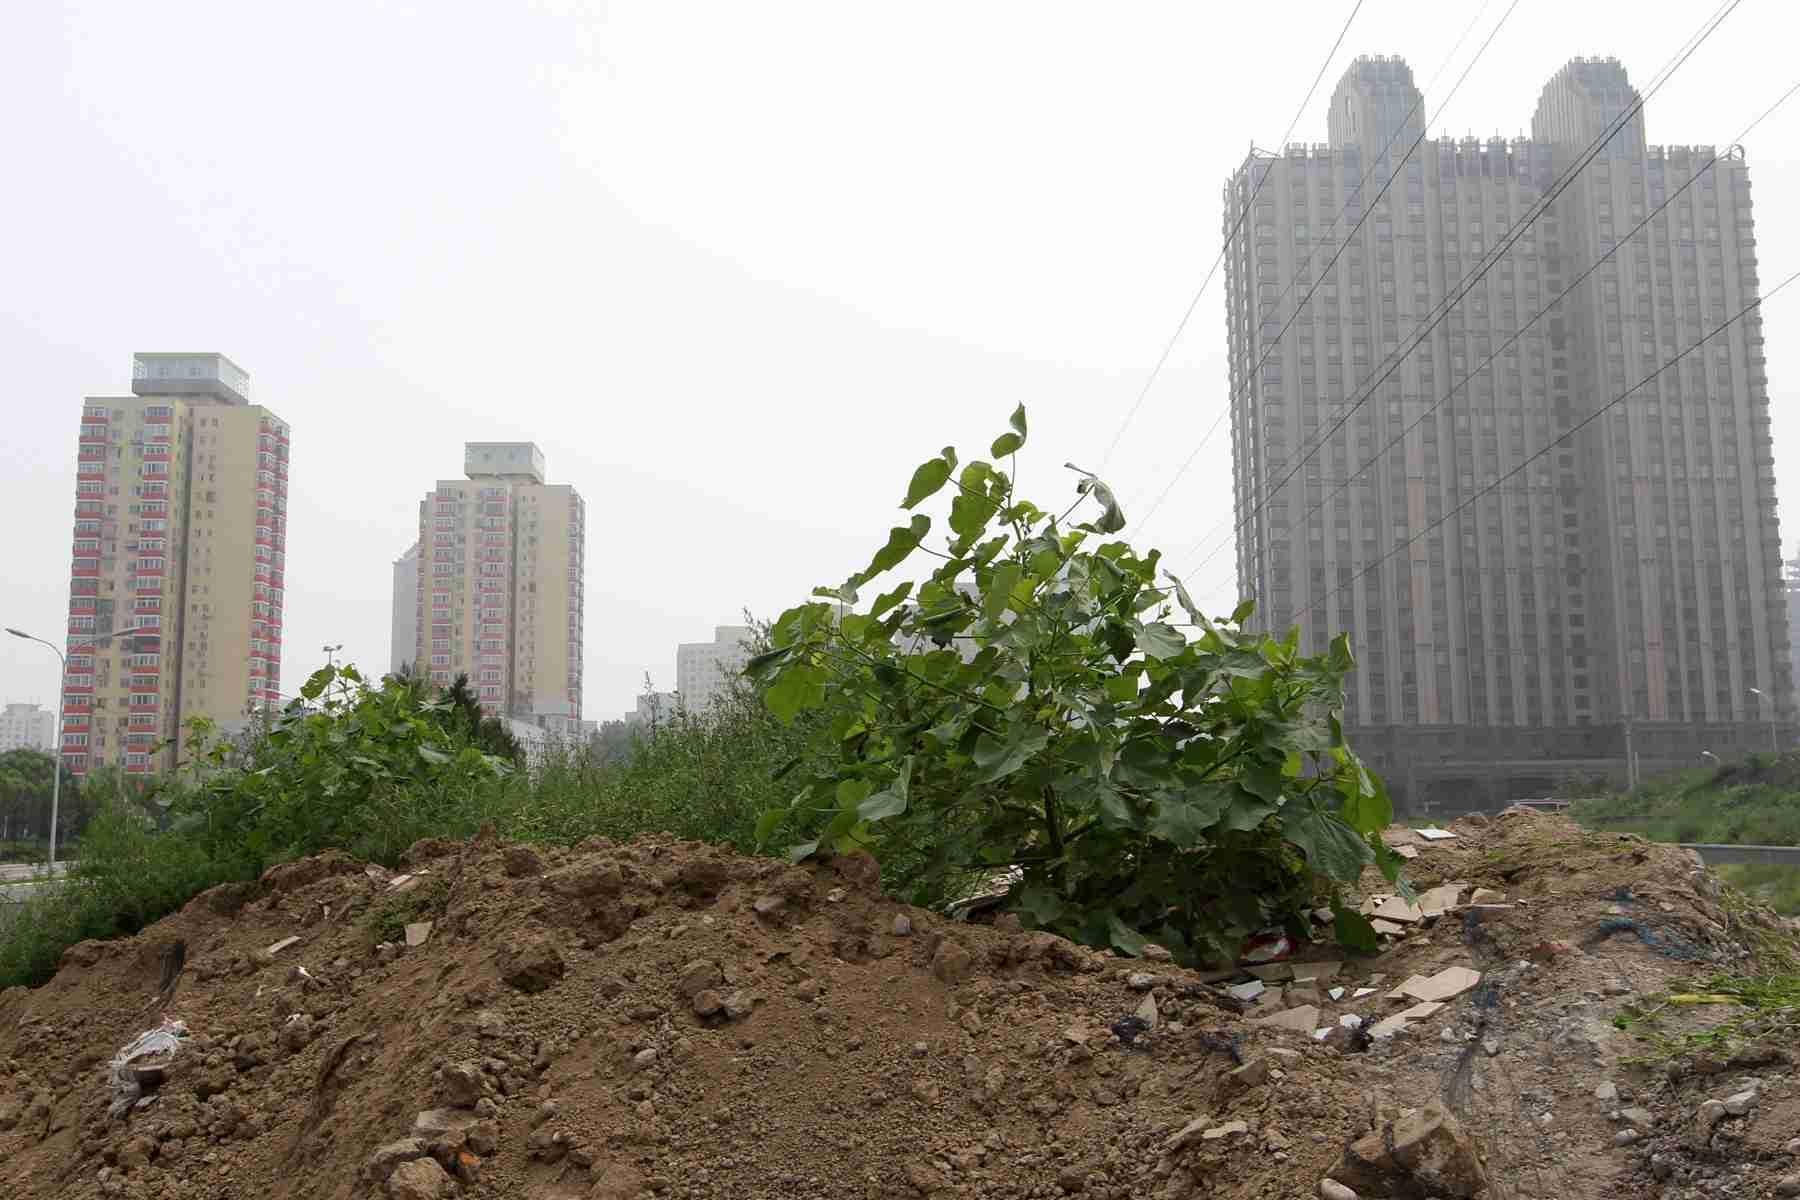 土地市场降温有助于调控继续深入